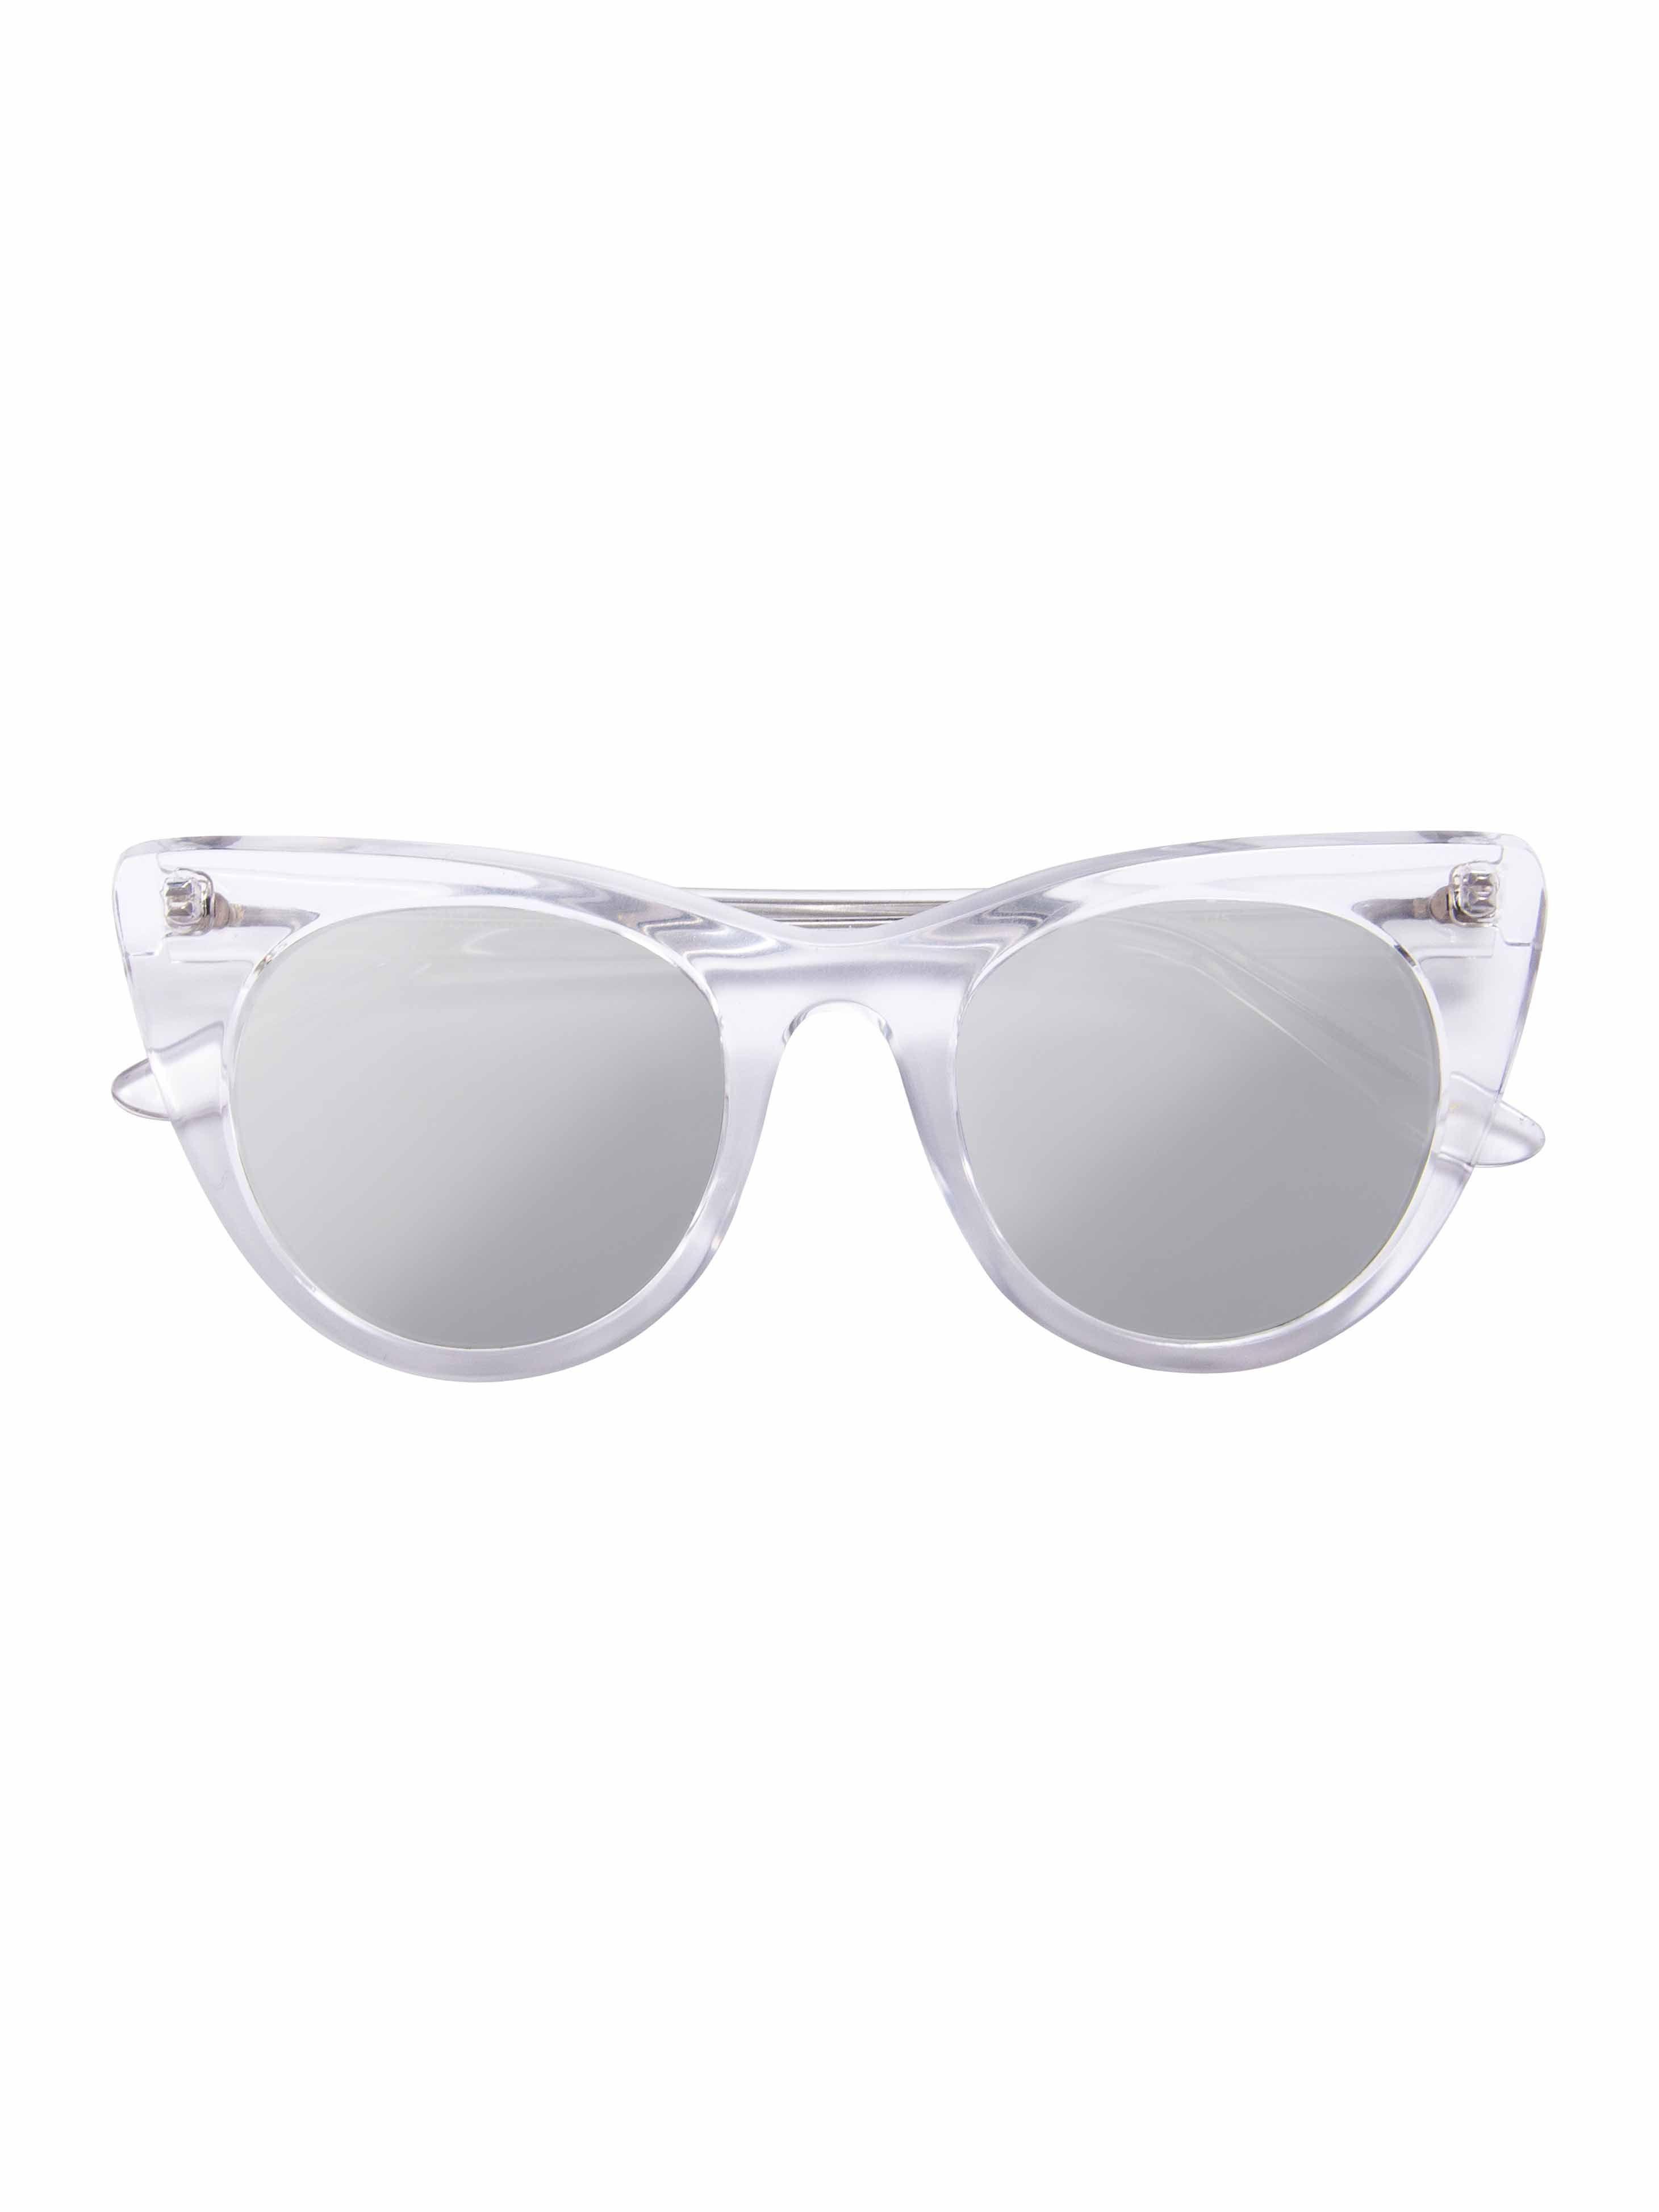 Óculos Doshow Transparente Lente Prata   Óculos Helena Bordon Doshow  Transparente Lente Prata Material da armação 9cc1bd2be2